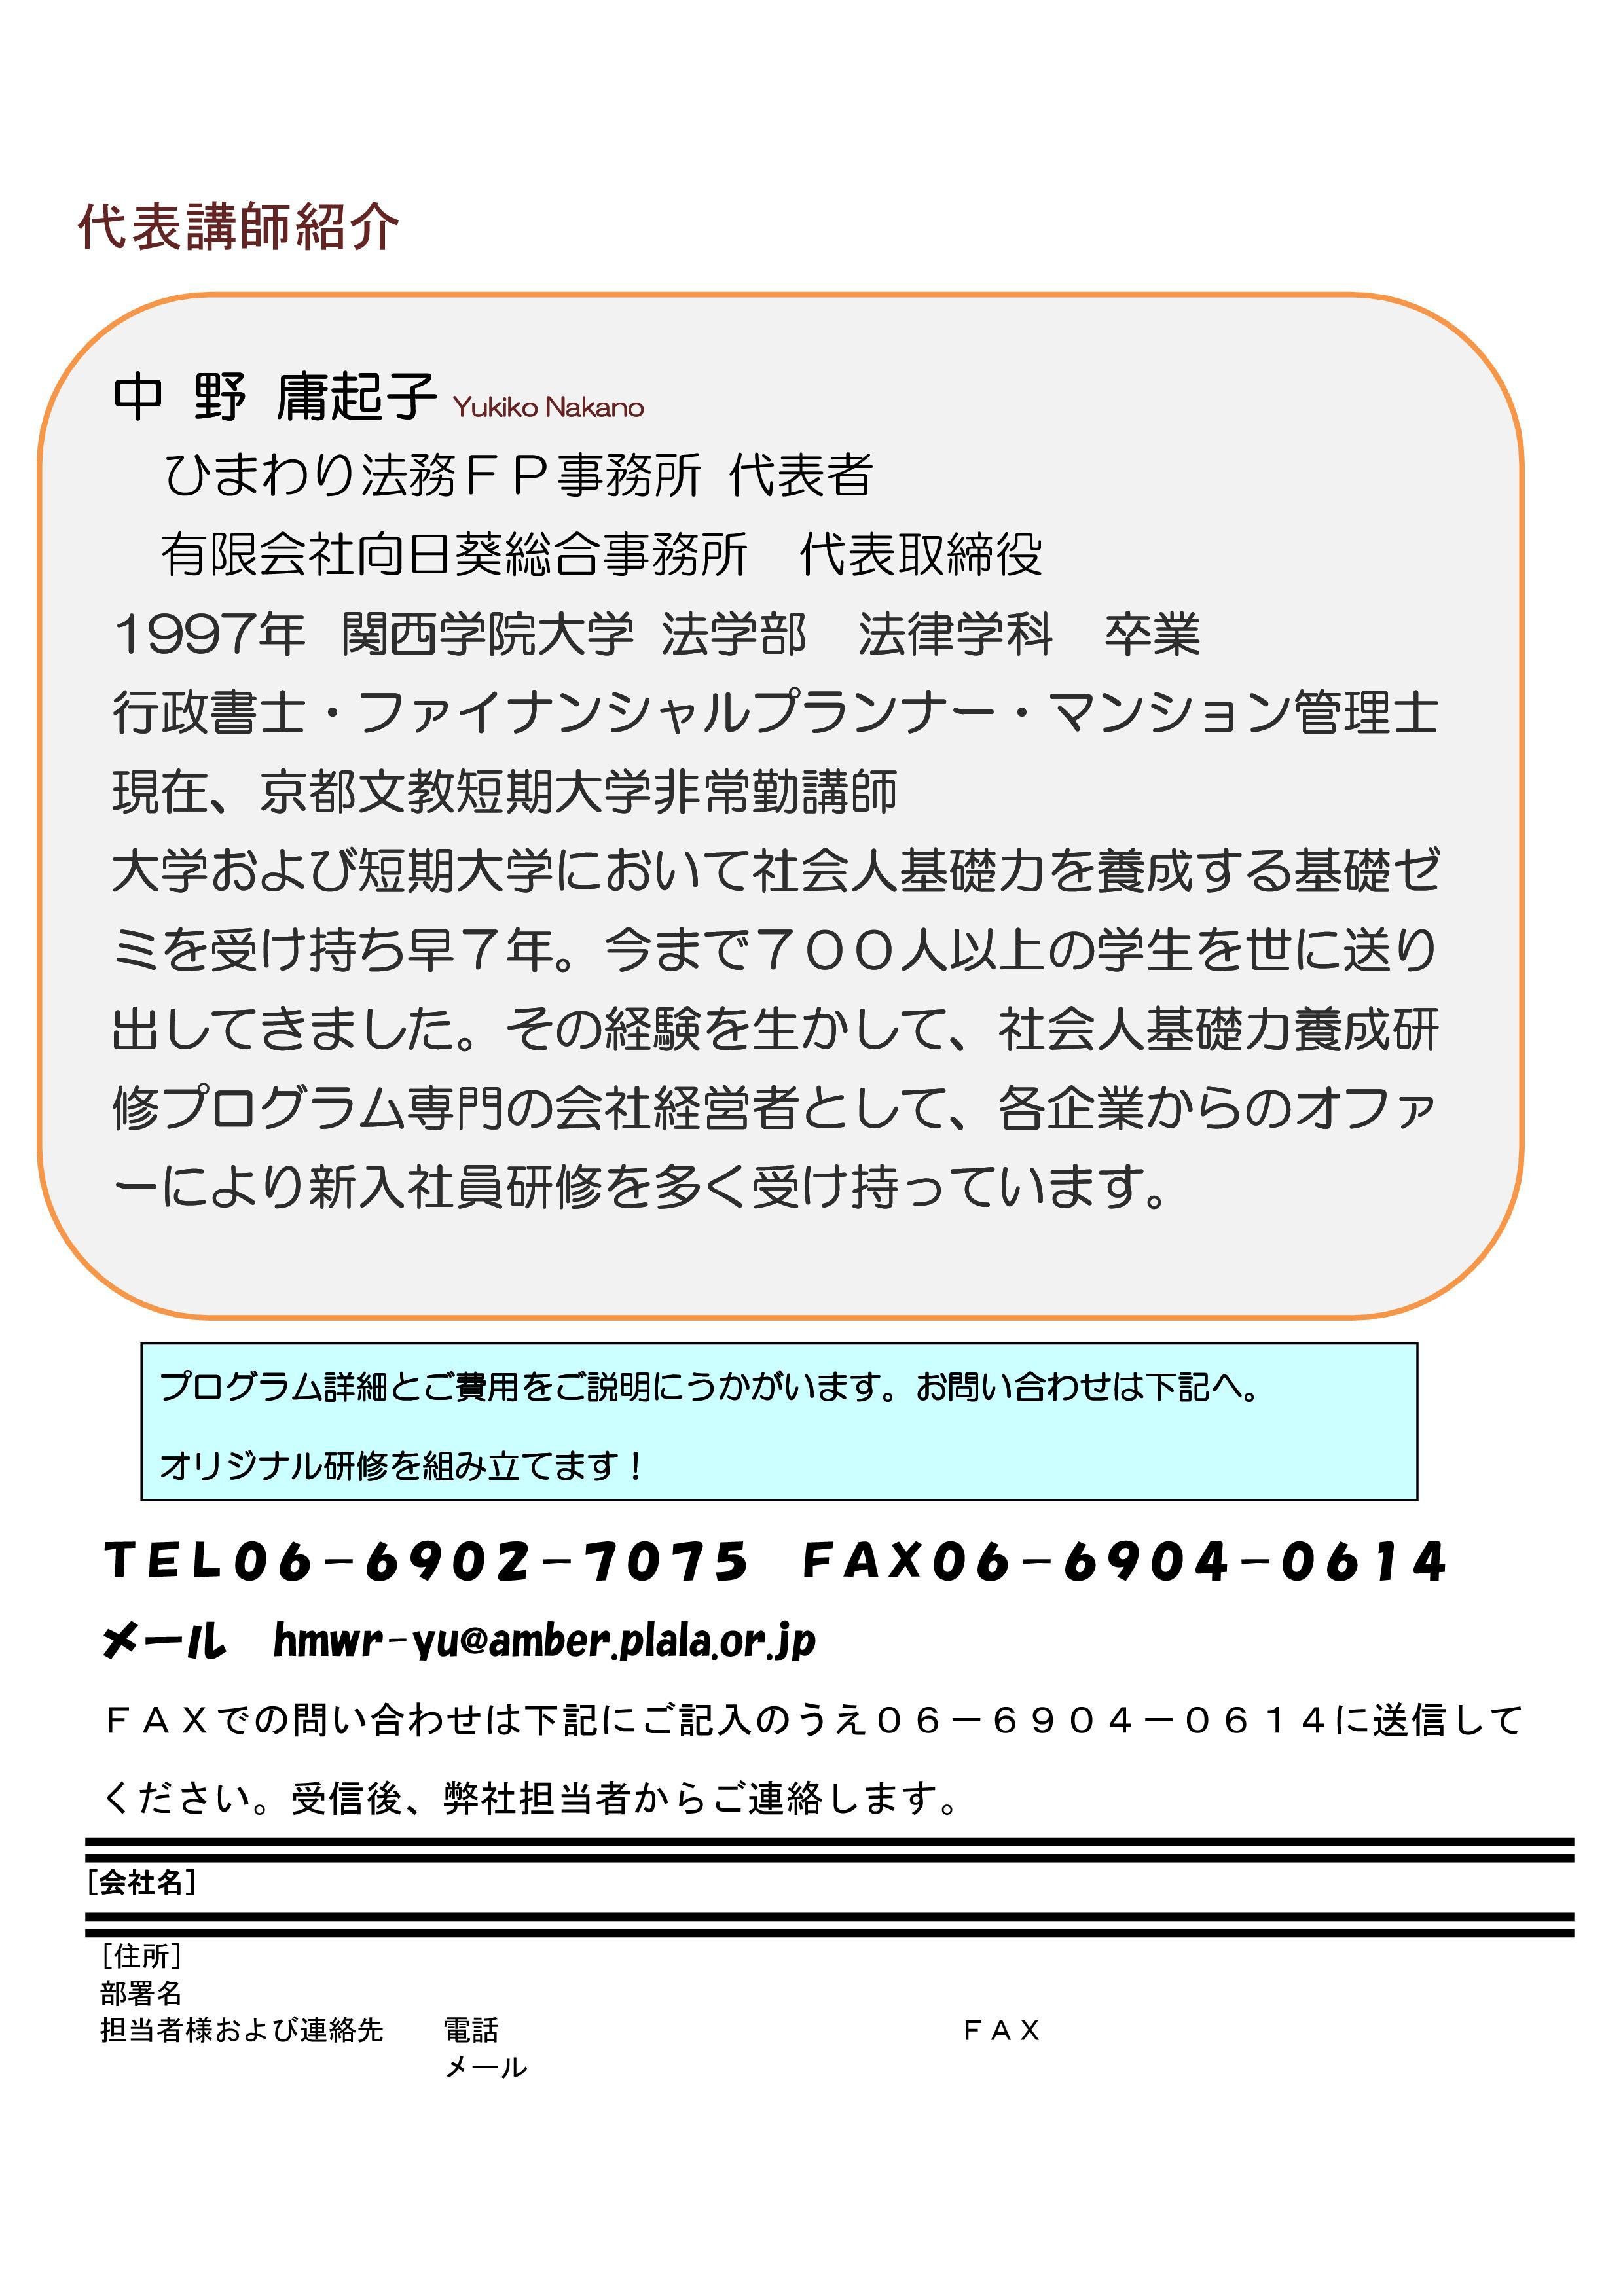 キャリアアップ助成金のOFFJT研修 チラシ-002.jpg